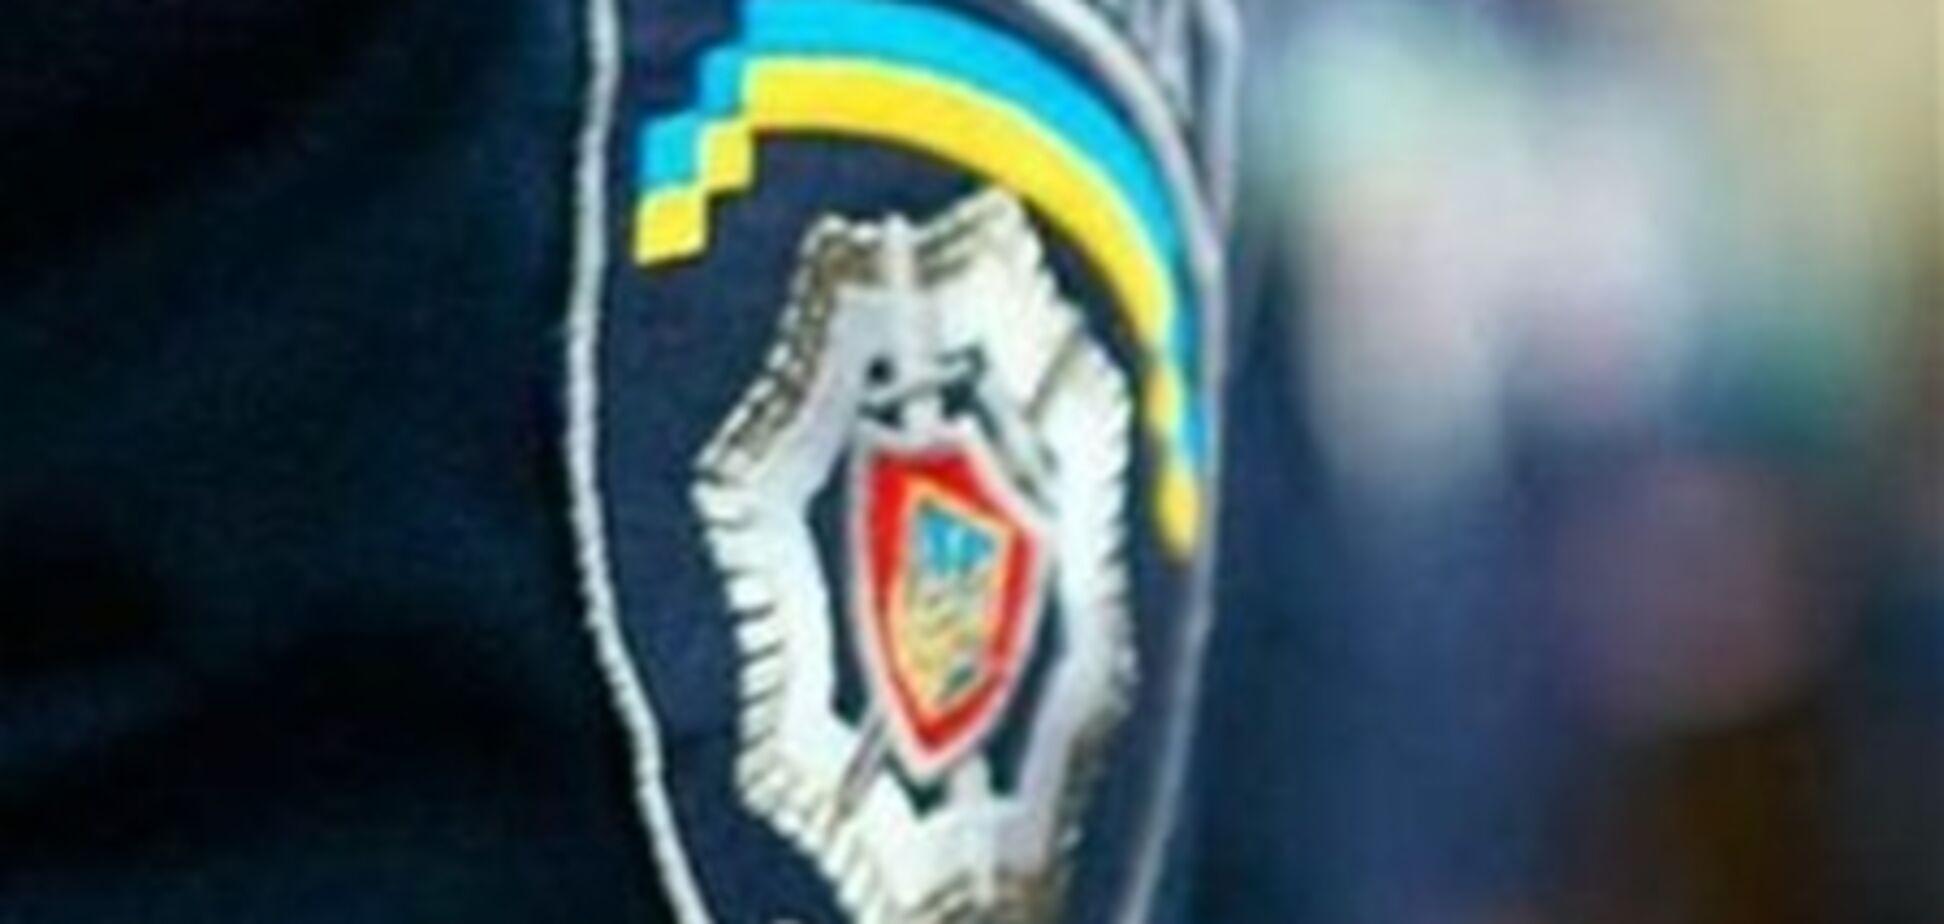 Міліція розглядає низку версій вибуху в Чернівцях